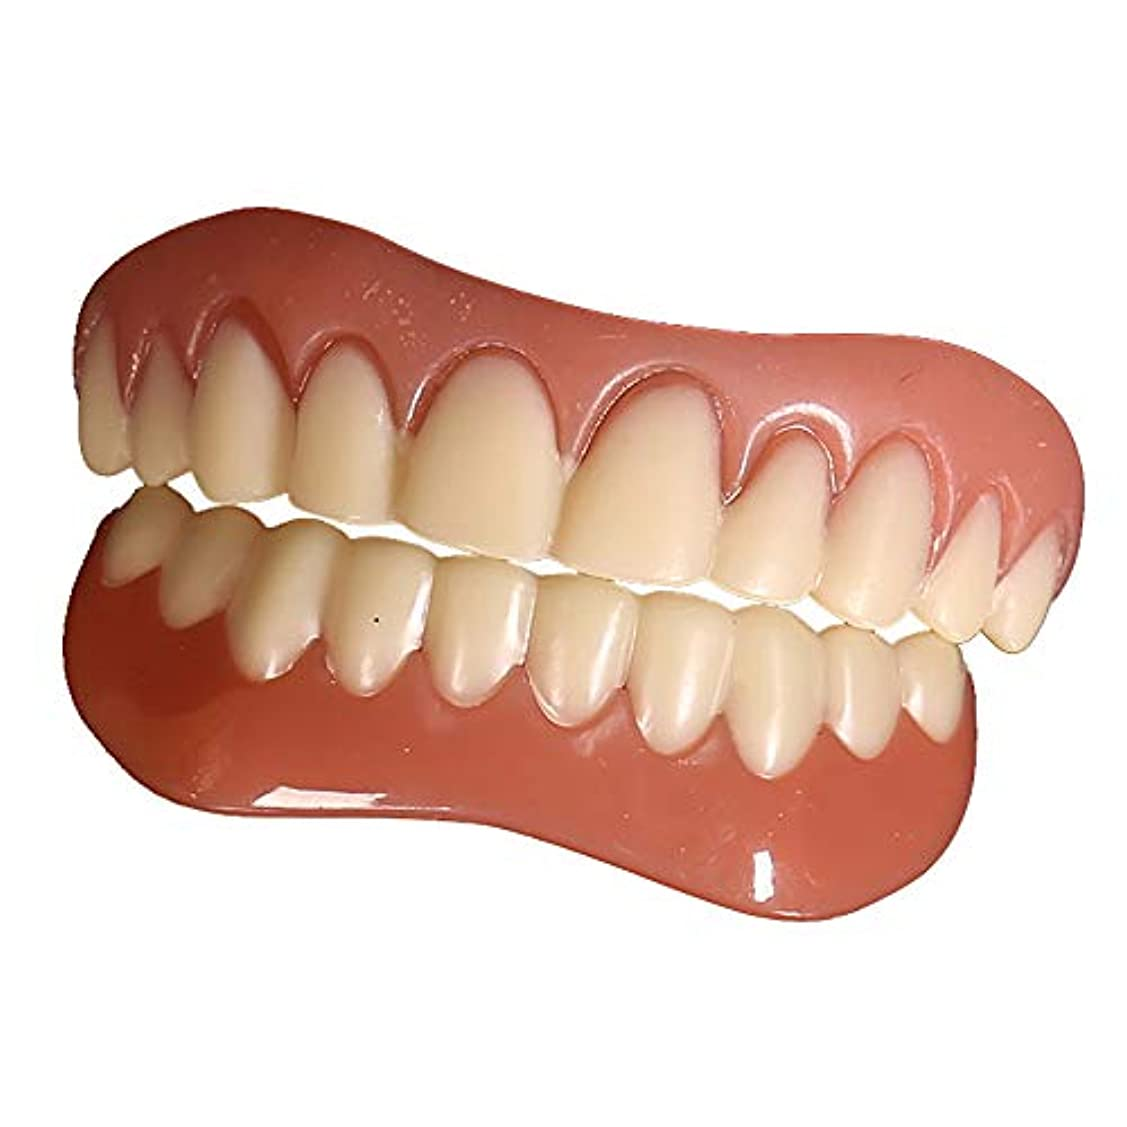 クリックファンタジー花火パーフェクトインスタントスマイルティースベニヤインスタントビューティー2本入れ歯2本下歯(フリーサイズ(中))